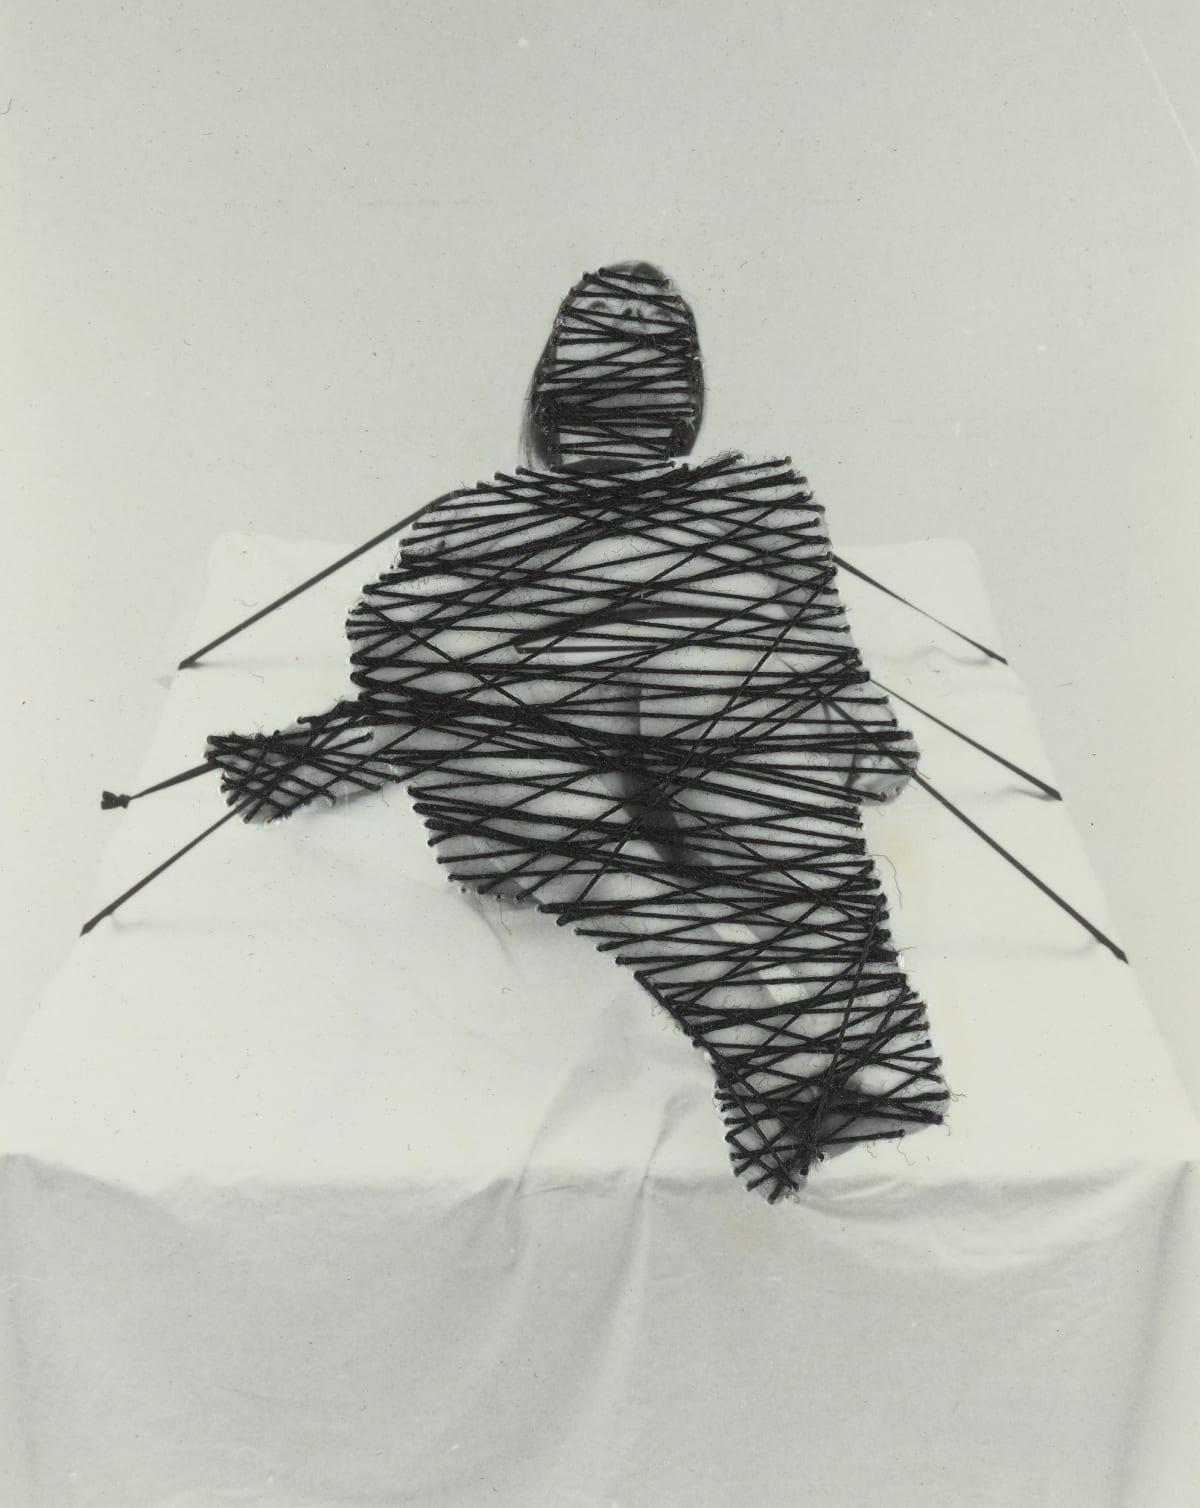 Annegret SOLTAU Ausgeliefert [Vulnerable], 1978 Gelatin silver prints with thread overstitched 10.5 x 8.5 cm